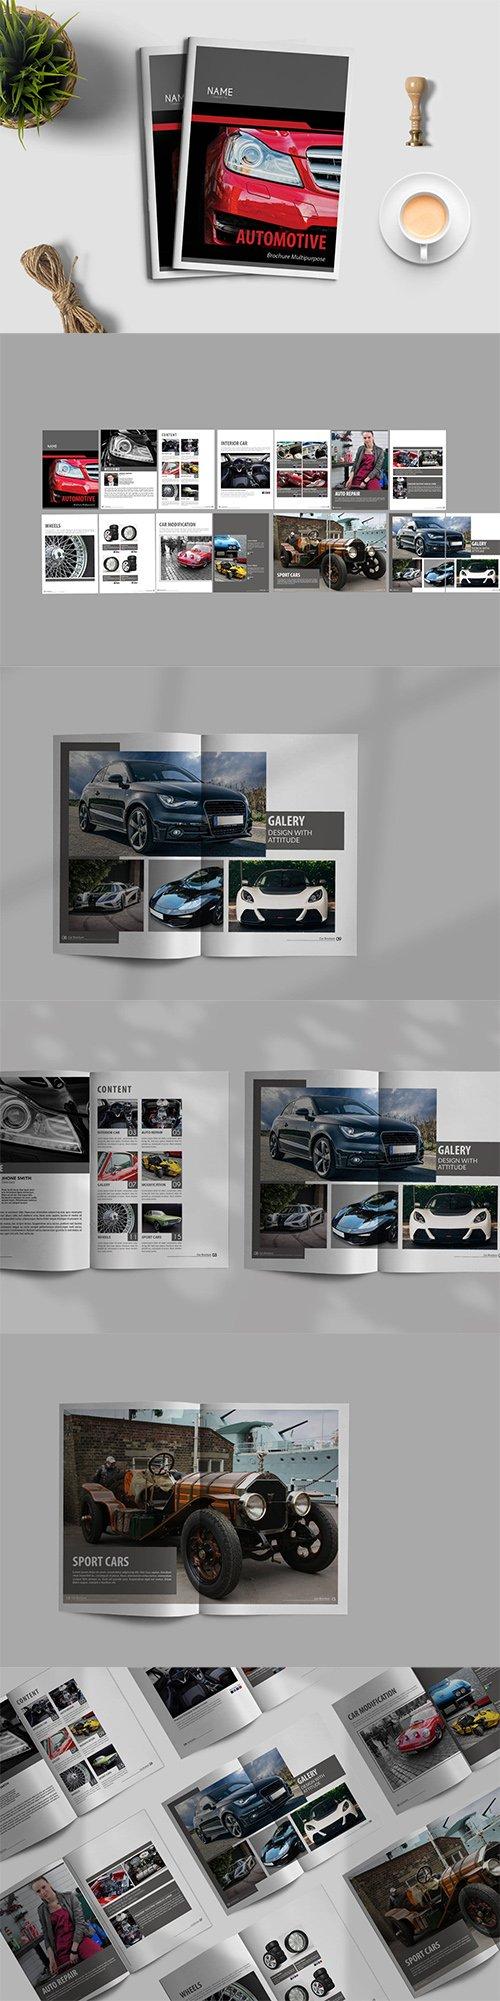 Automotive - Brochure Template PSD